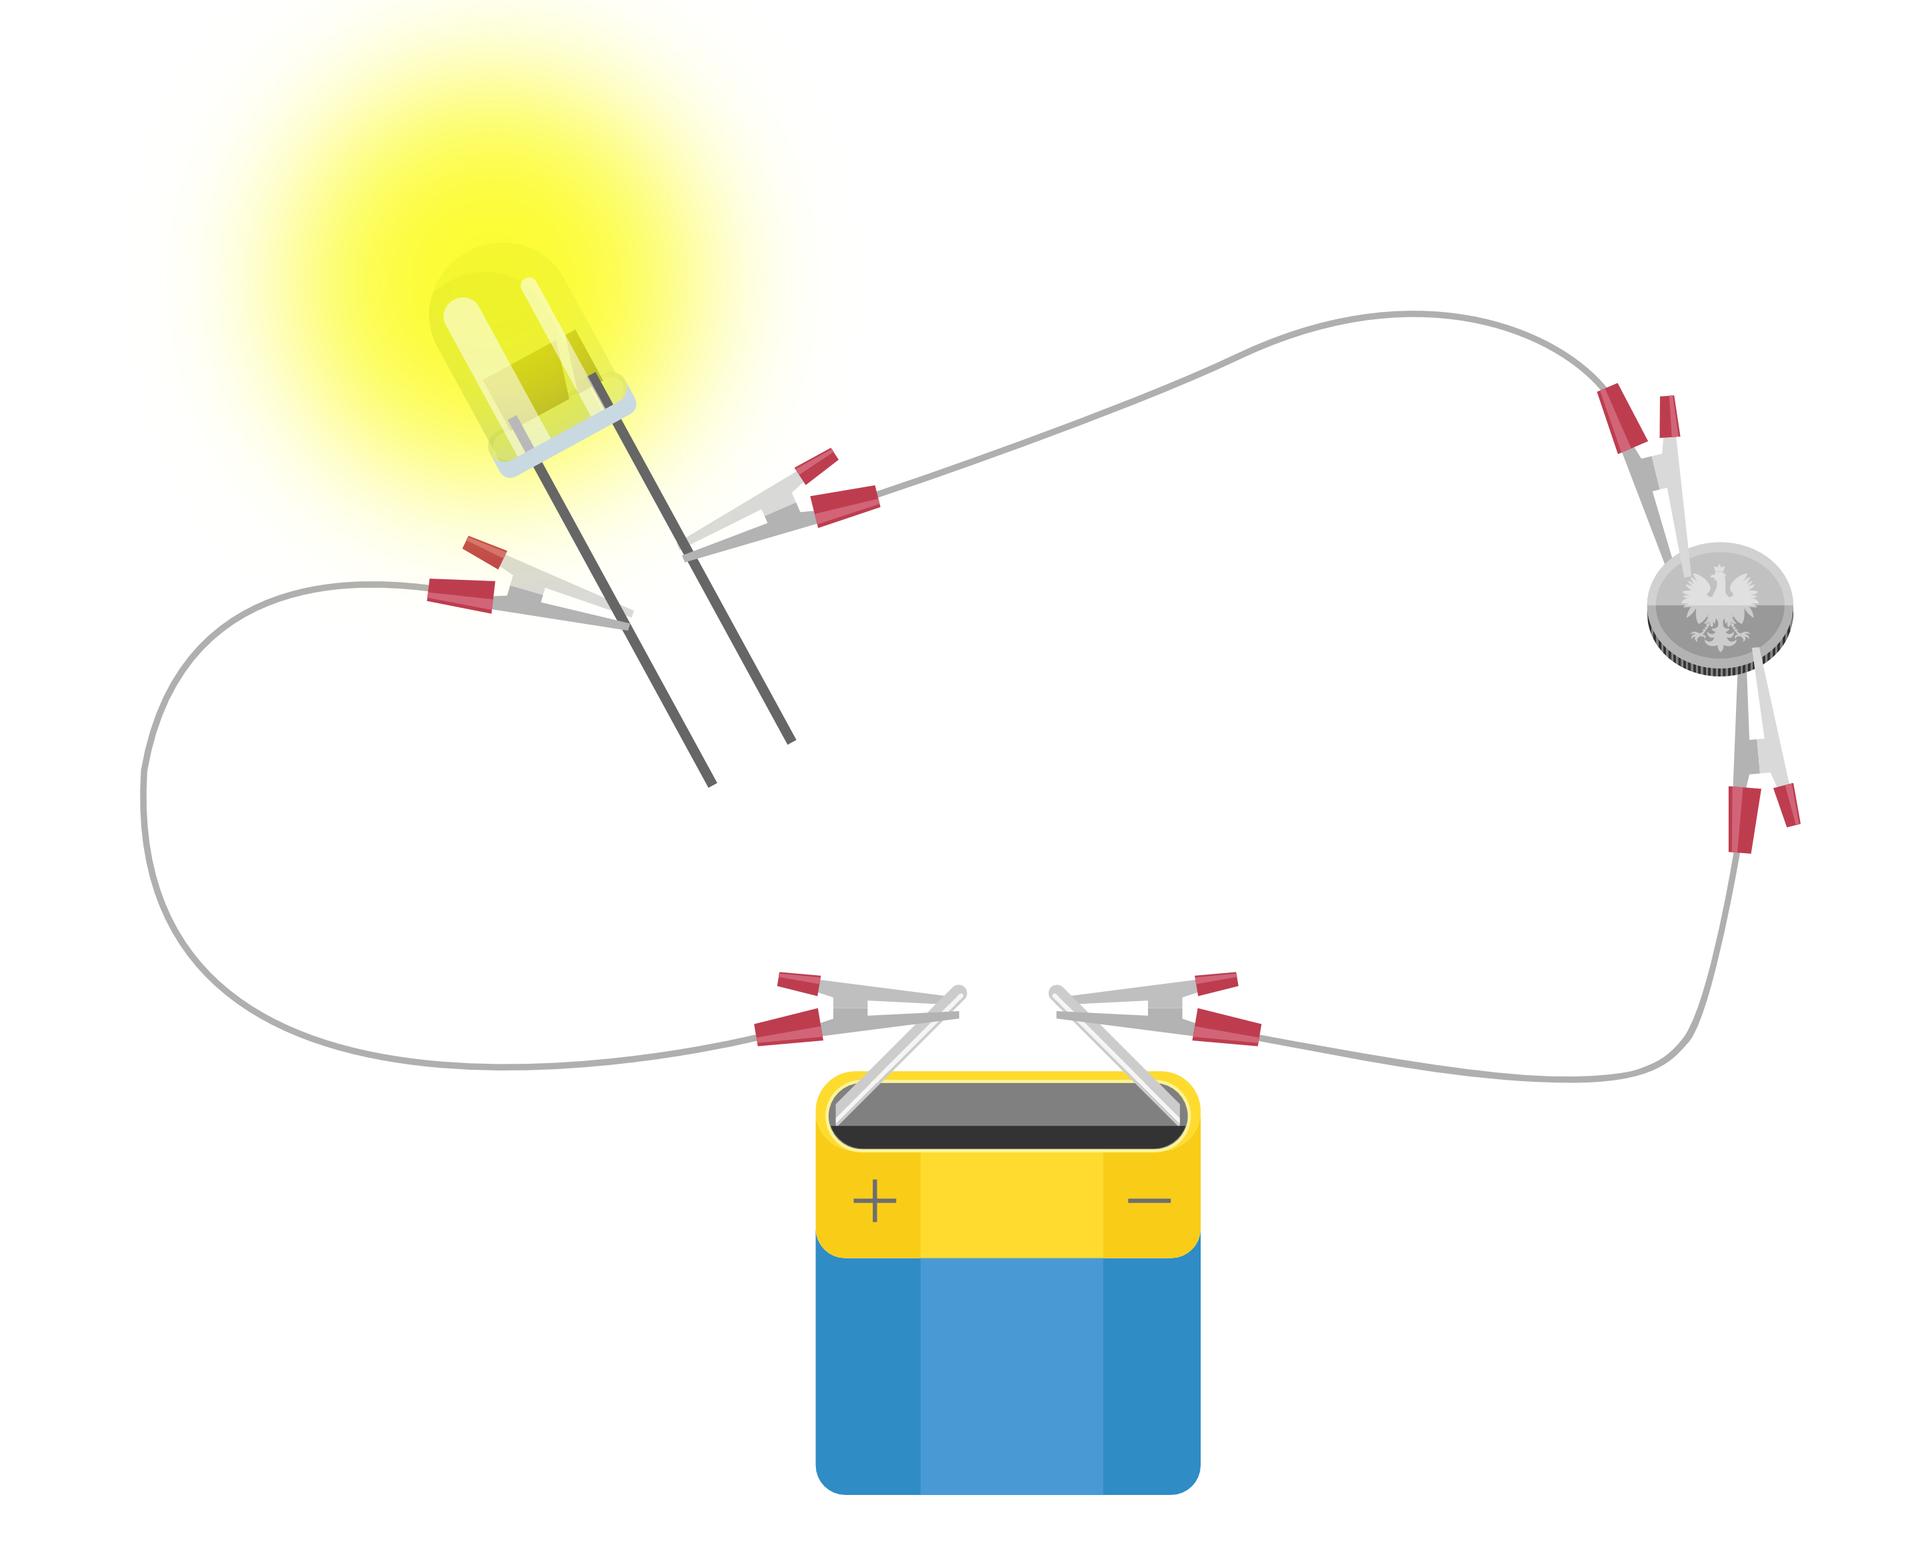 Rysunek obwodu elektrycznego, wktórym bateria połączona jest zmetalową monetą, anastępnie zdiodą LED. Dioda na rysunku świeci.